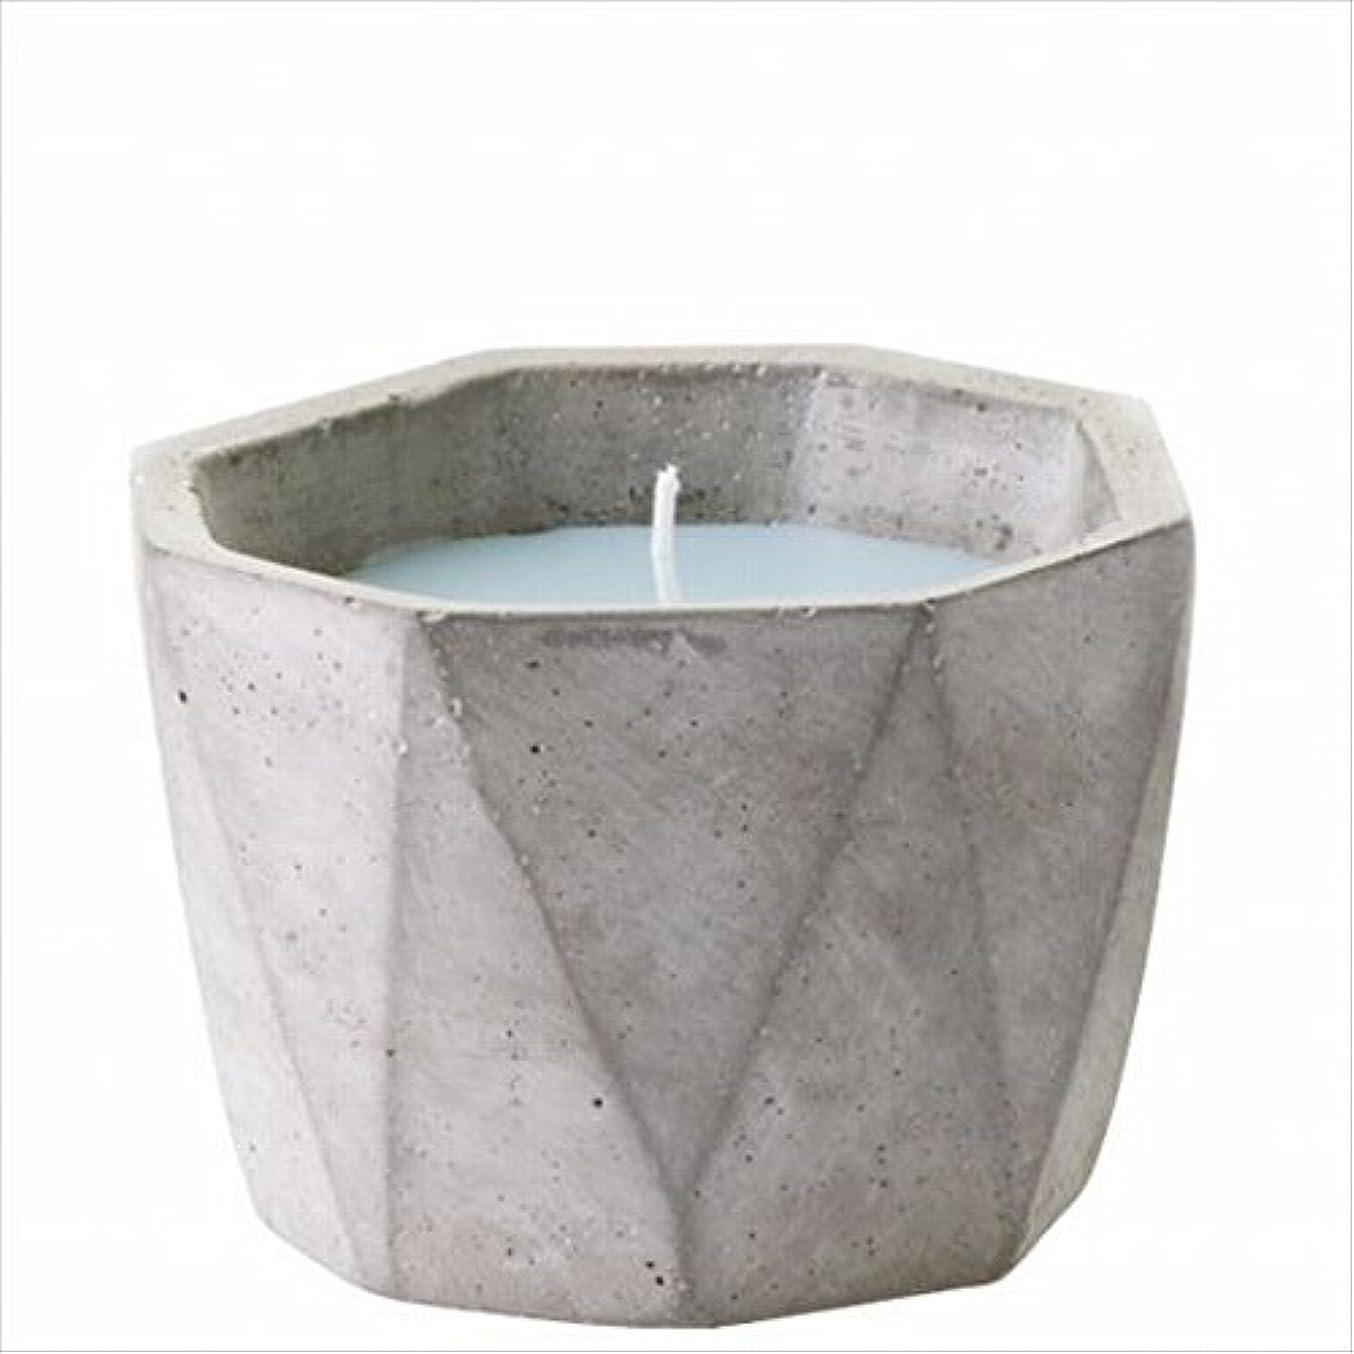 拮抗するしたがって縮約カメヤマキャンドル(kameyama candle) POiNT A LA LiGNE セメントポットセンティッドキャンドル 「 モックオレンジミント 」